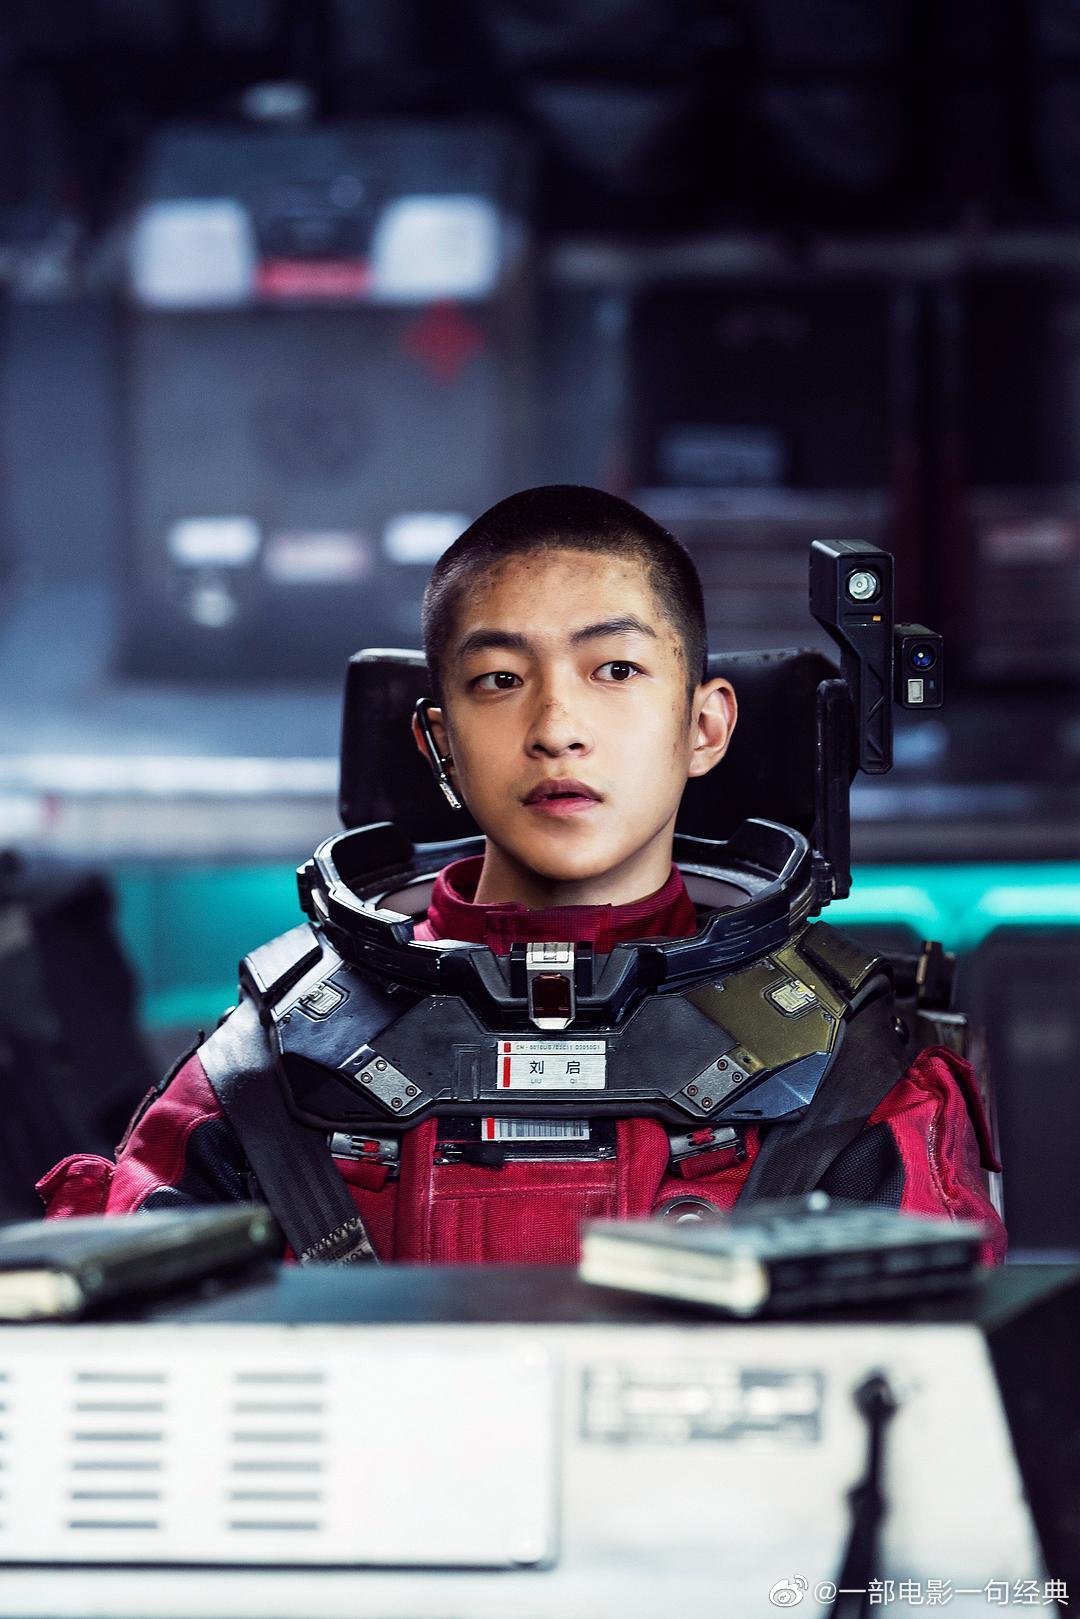 《流浪地球》总票房46.86亿,电影打开了中国科幻片的大门